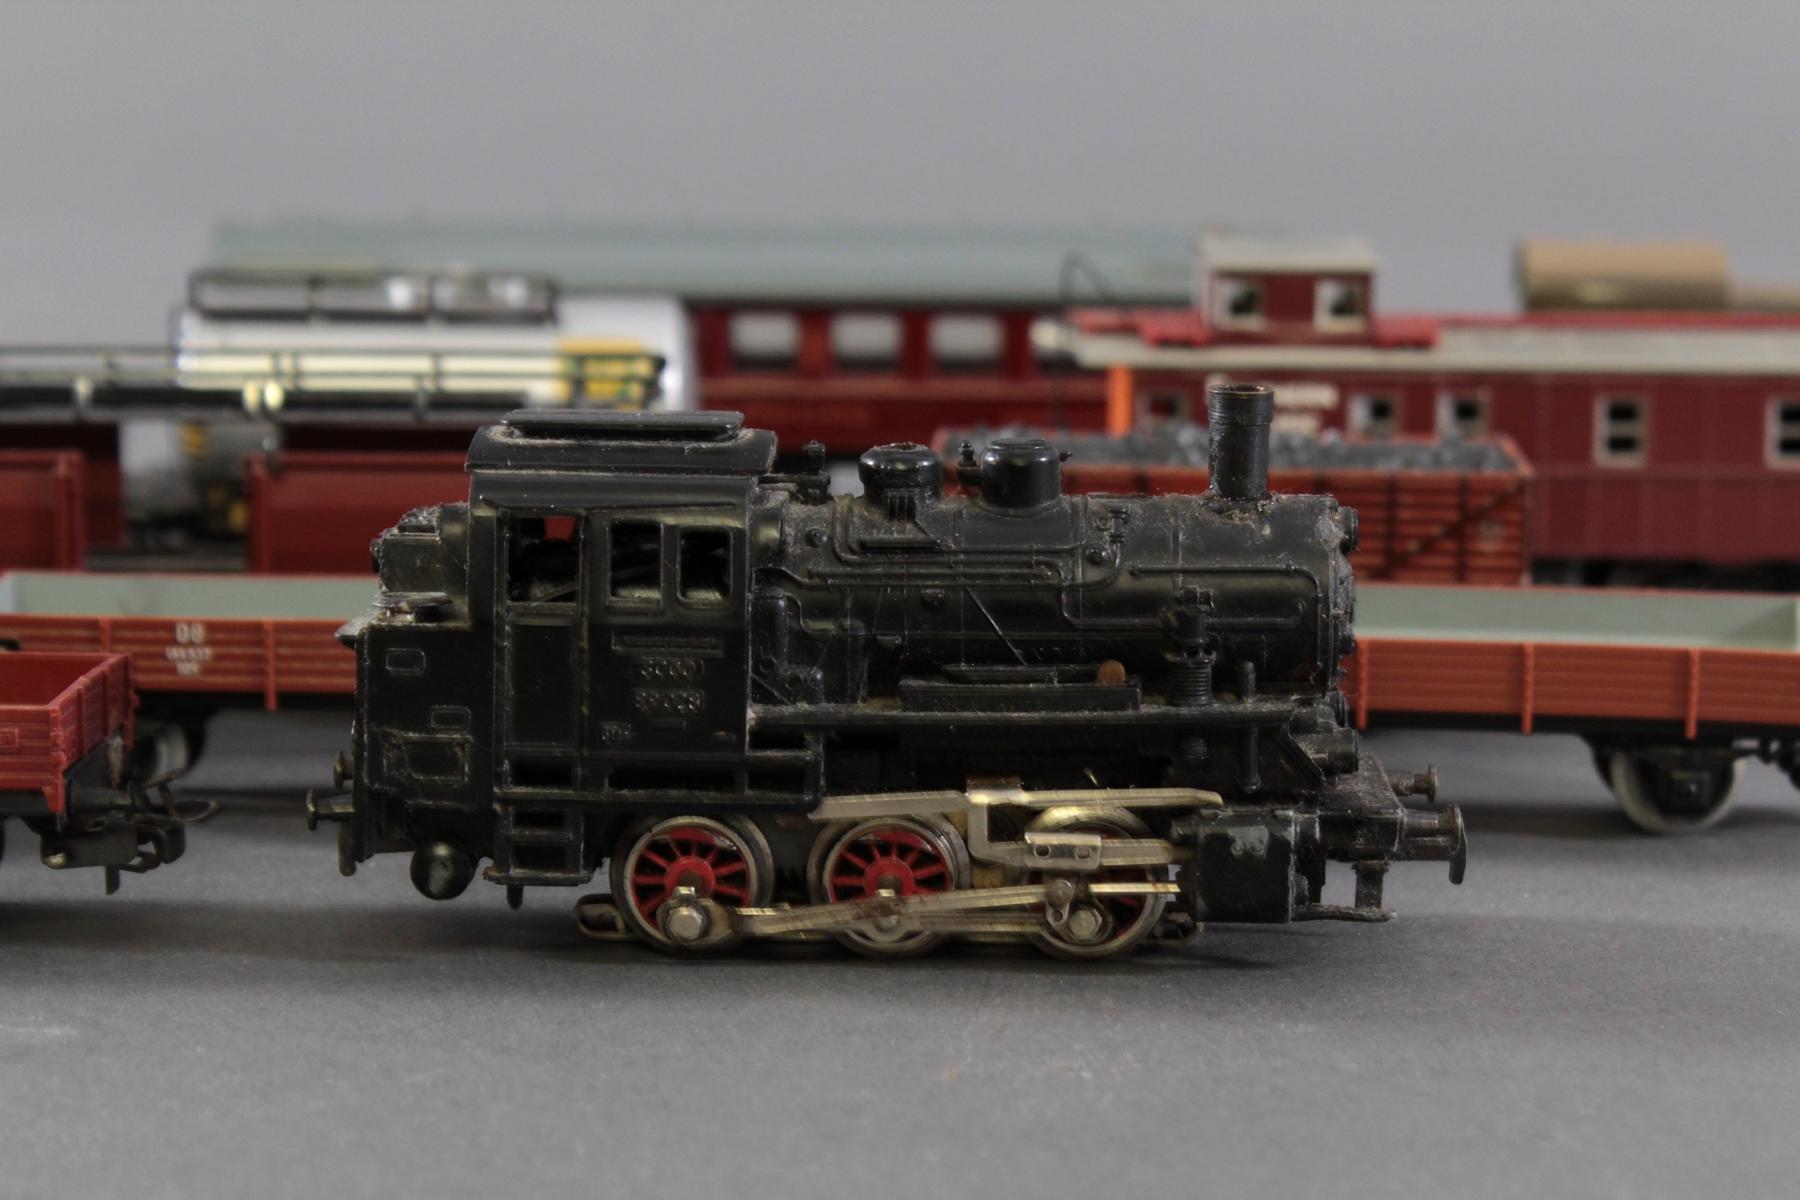 Märklin Dampflok BR 89 023 mit 12 Güter- und 1 Personenwaggon aus Blech und Kunststoff, Spur H0-4